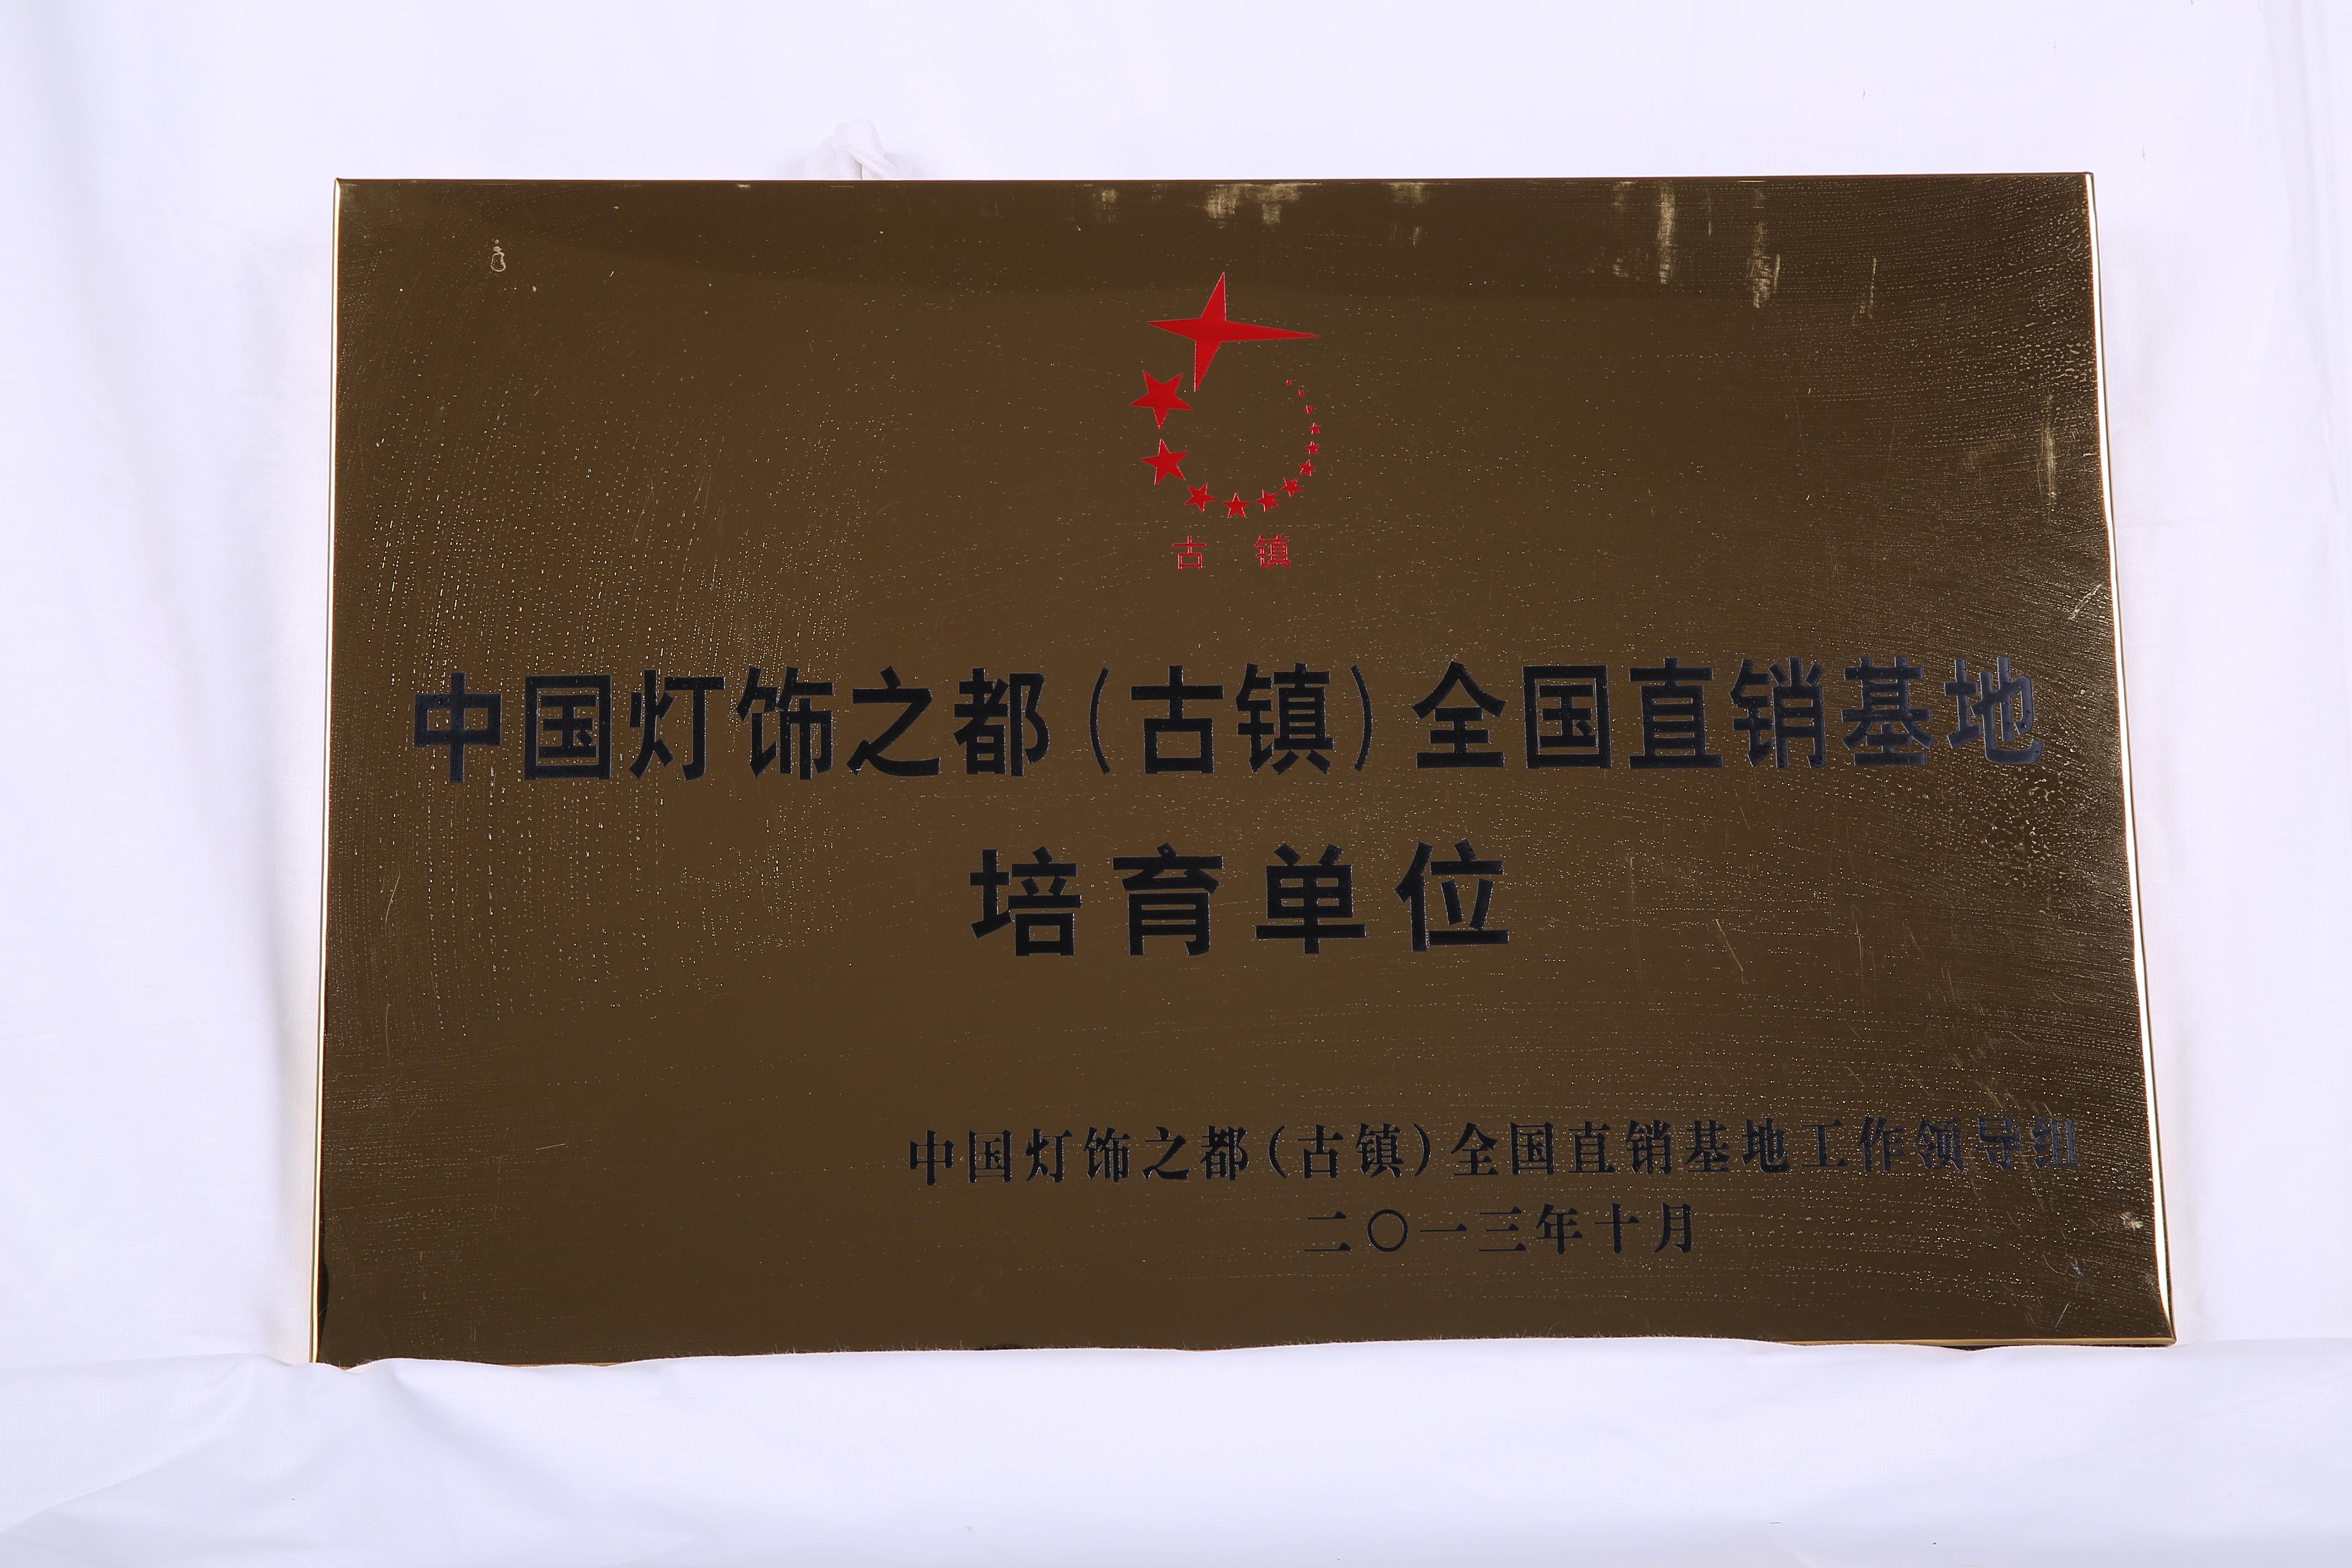 中国br88冠亚足彩坑人吗之都(古镇)全国直销基地培育单位